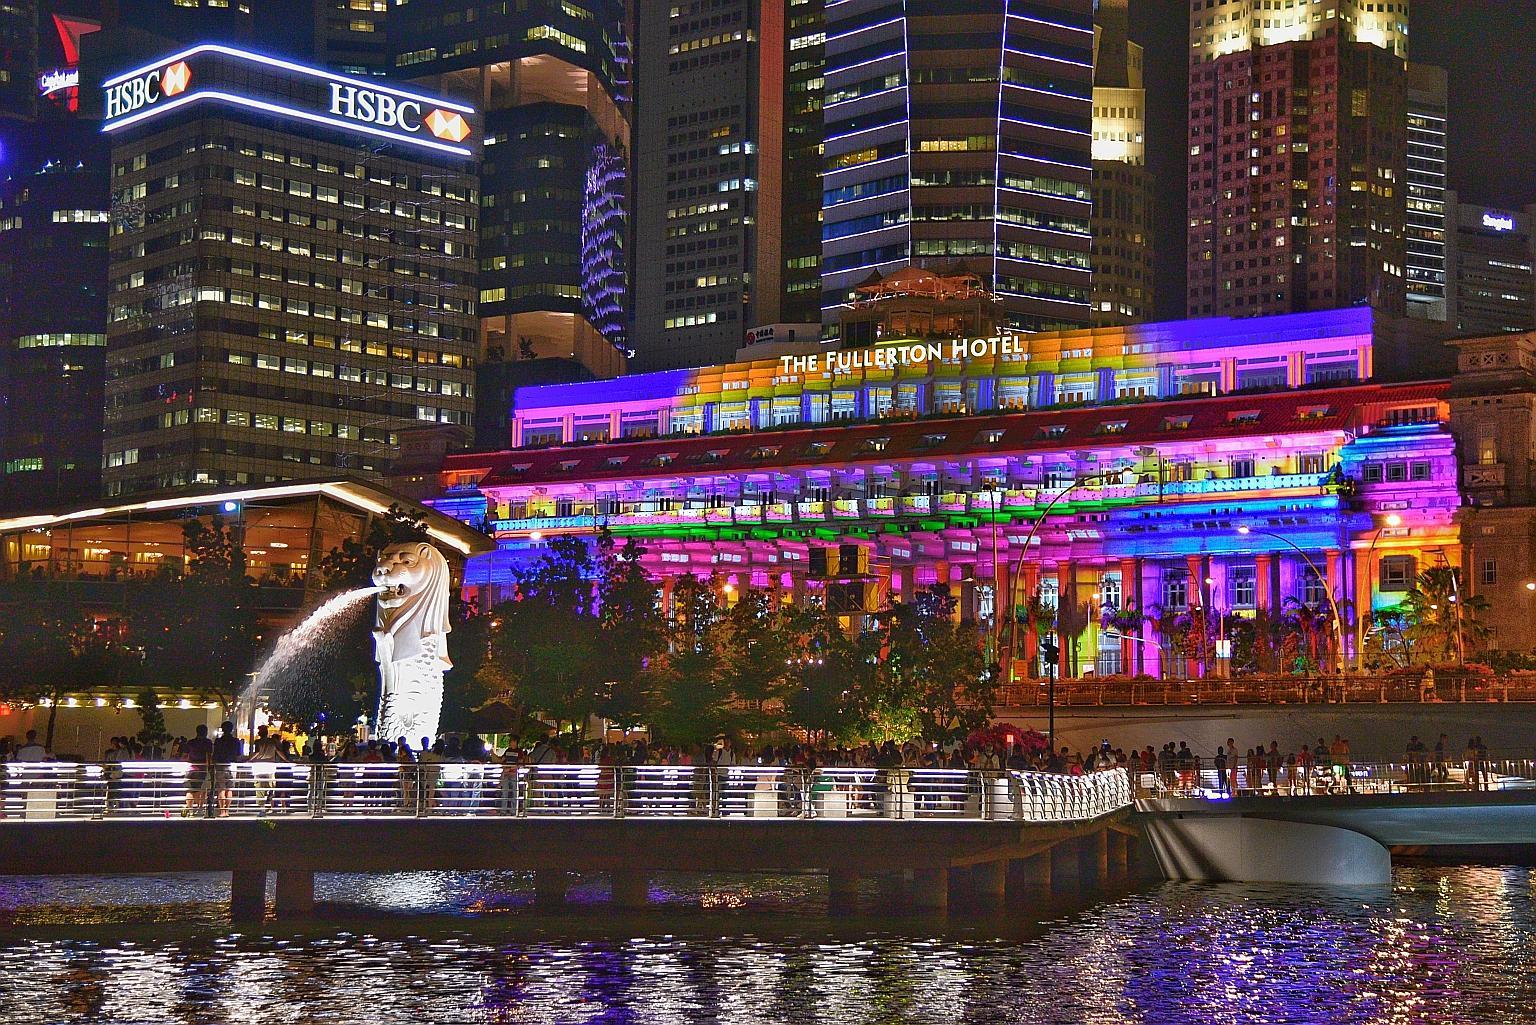 Khép lại 2018 với những lễ hội đặc sắc tại Singapore - Ảnh 4.